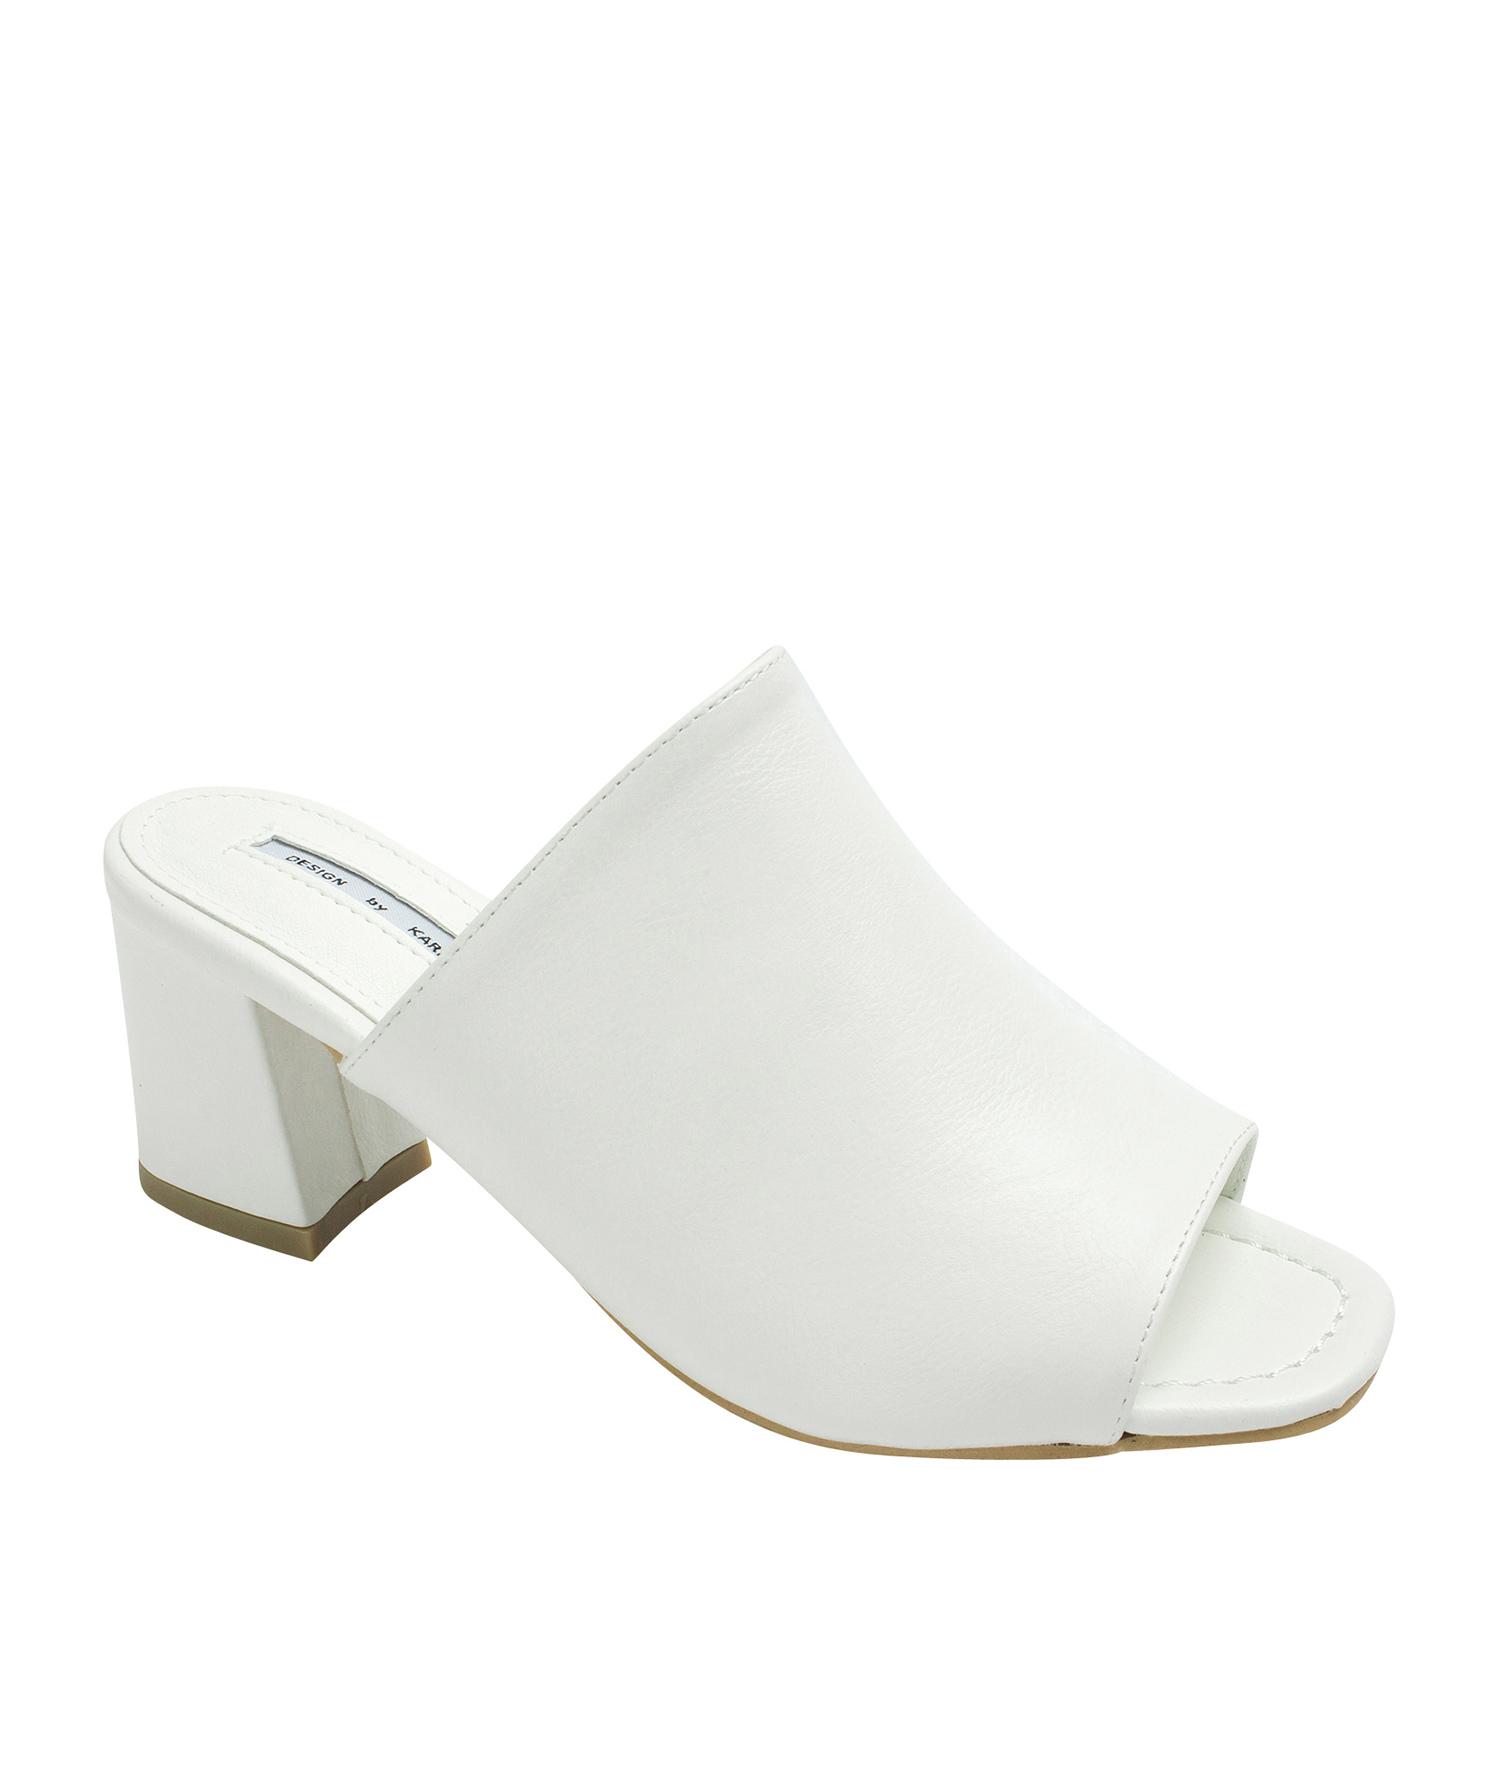 7f0d0bd7ff81e5 AnnaKastle Womens Faux Leather Open Toe Mule Heels White